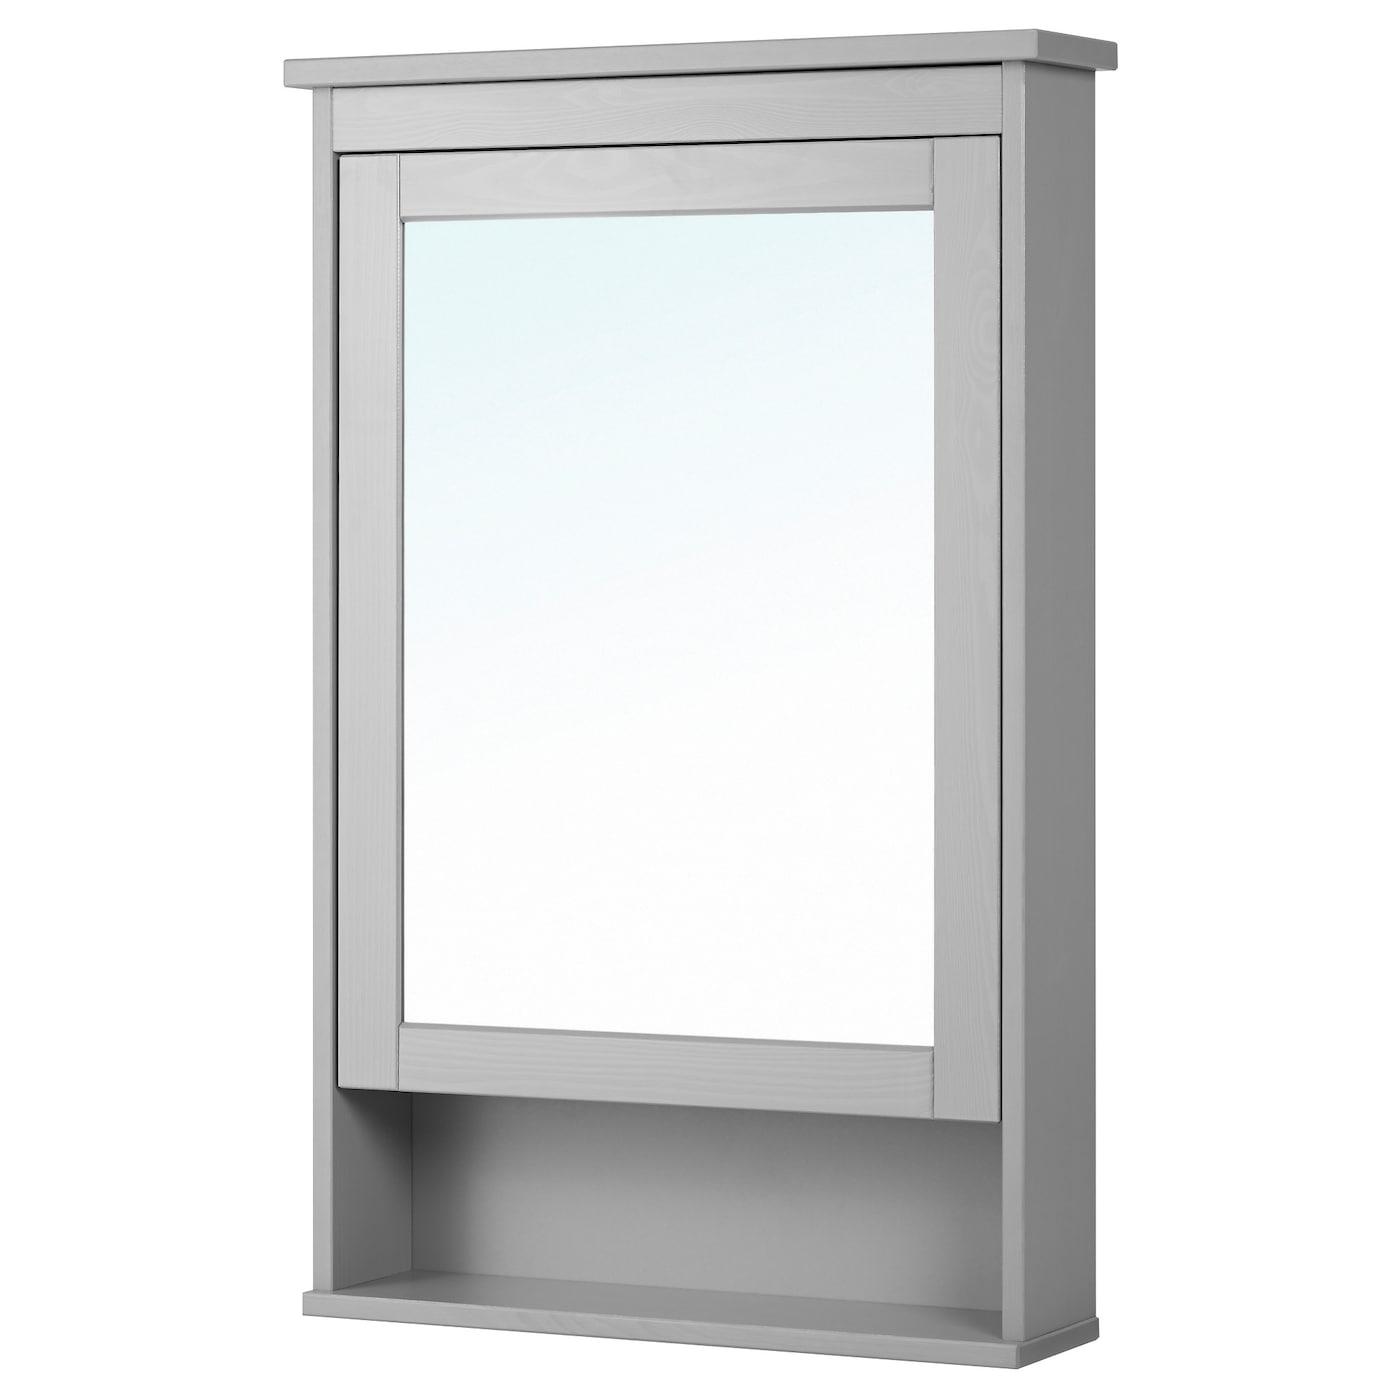 HEMNES Spiegelschrank 20 Tür   grau 20x206x20 cm